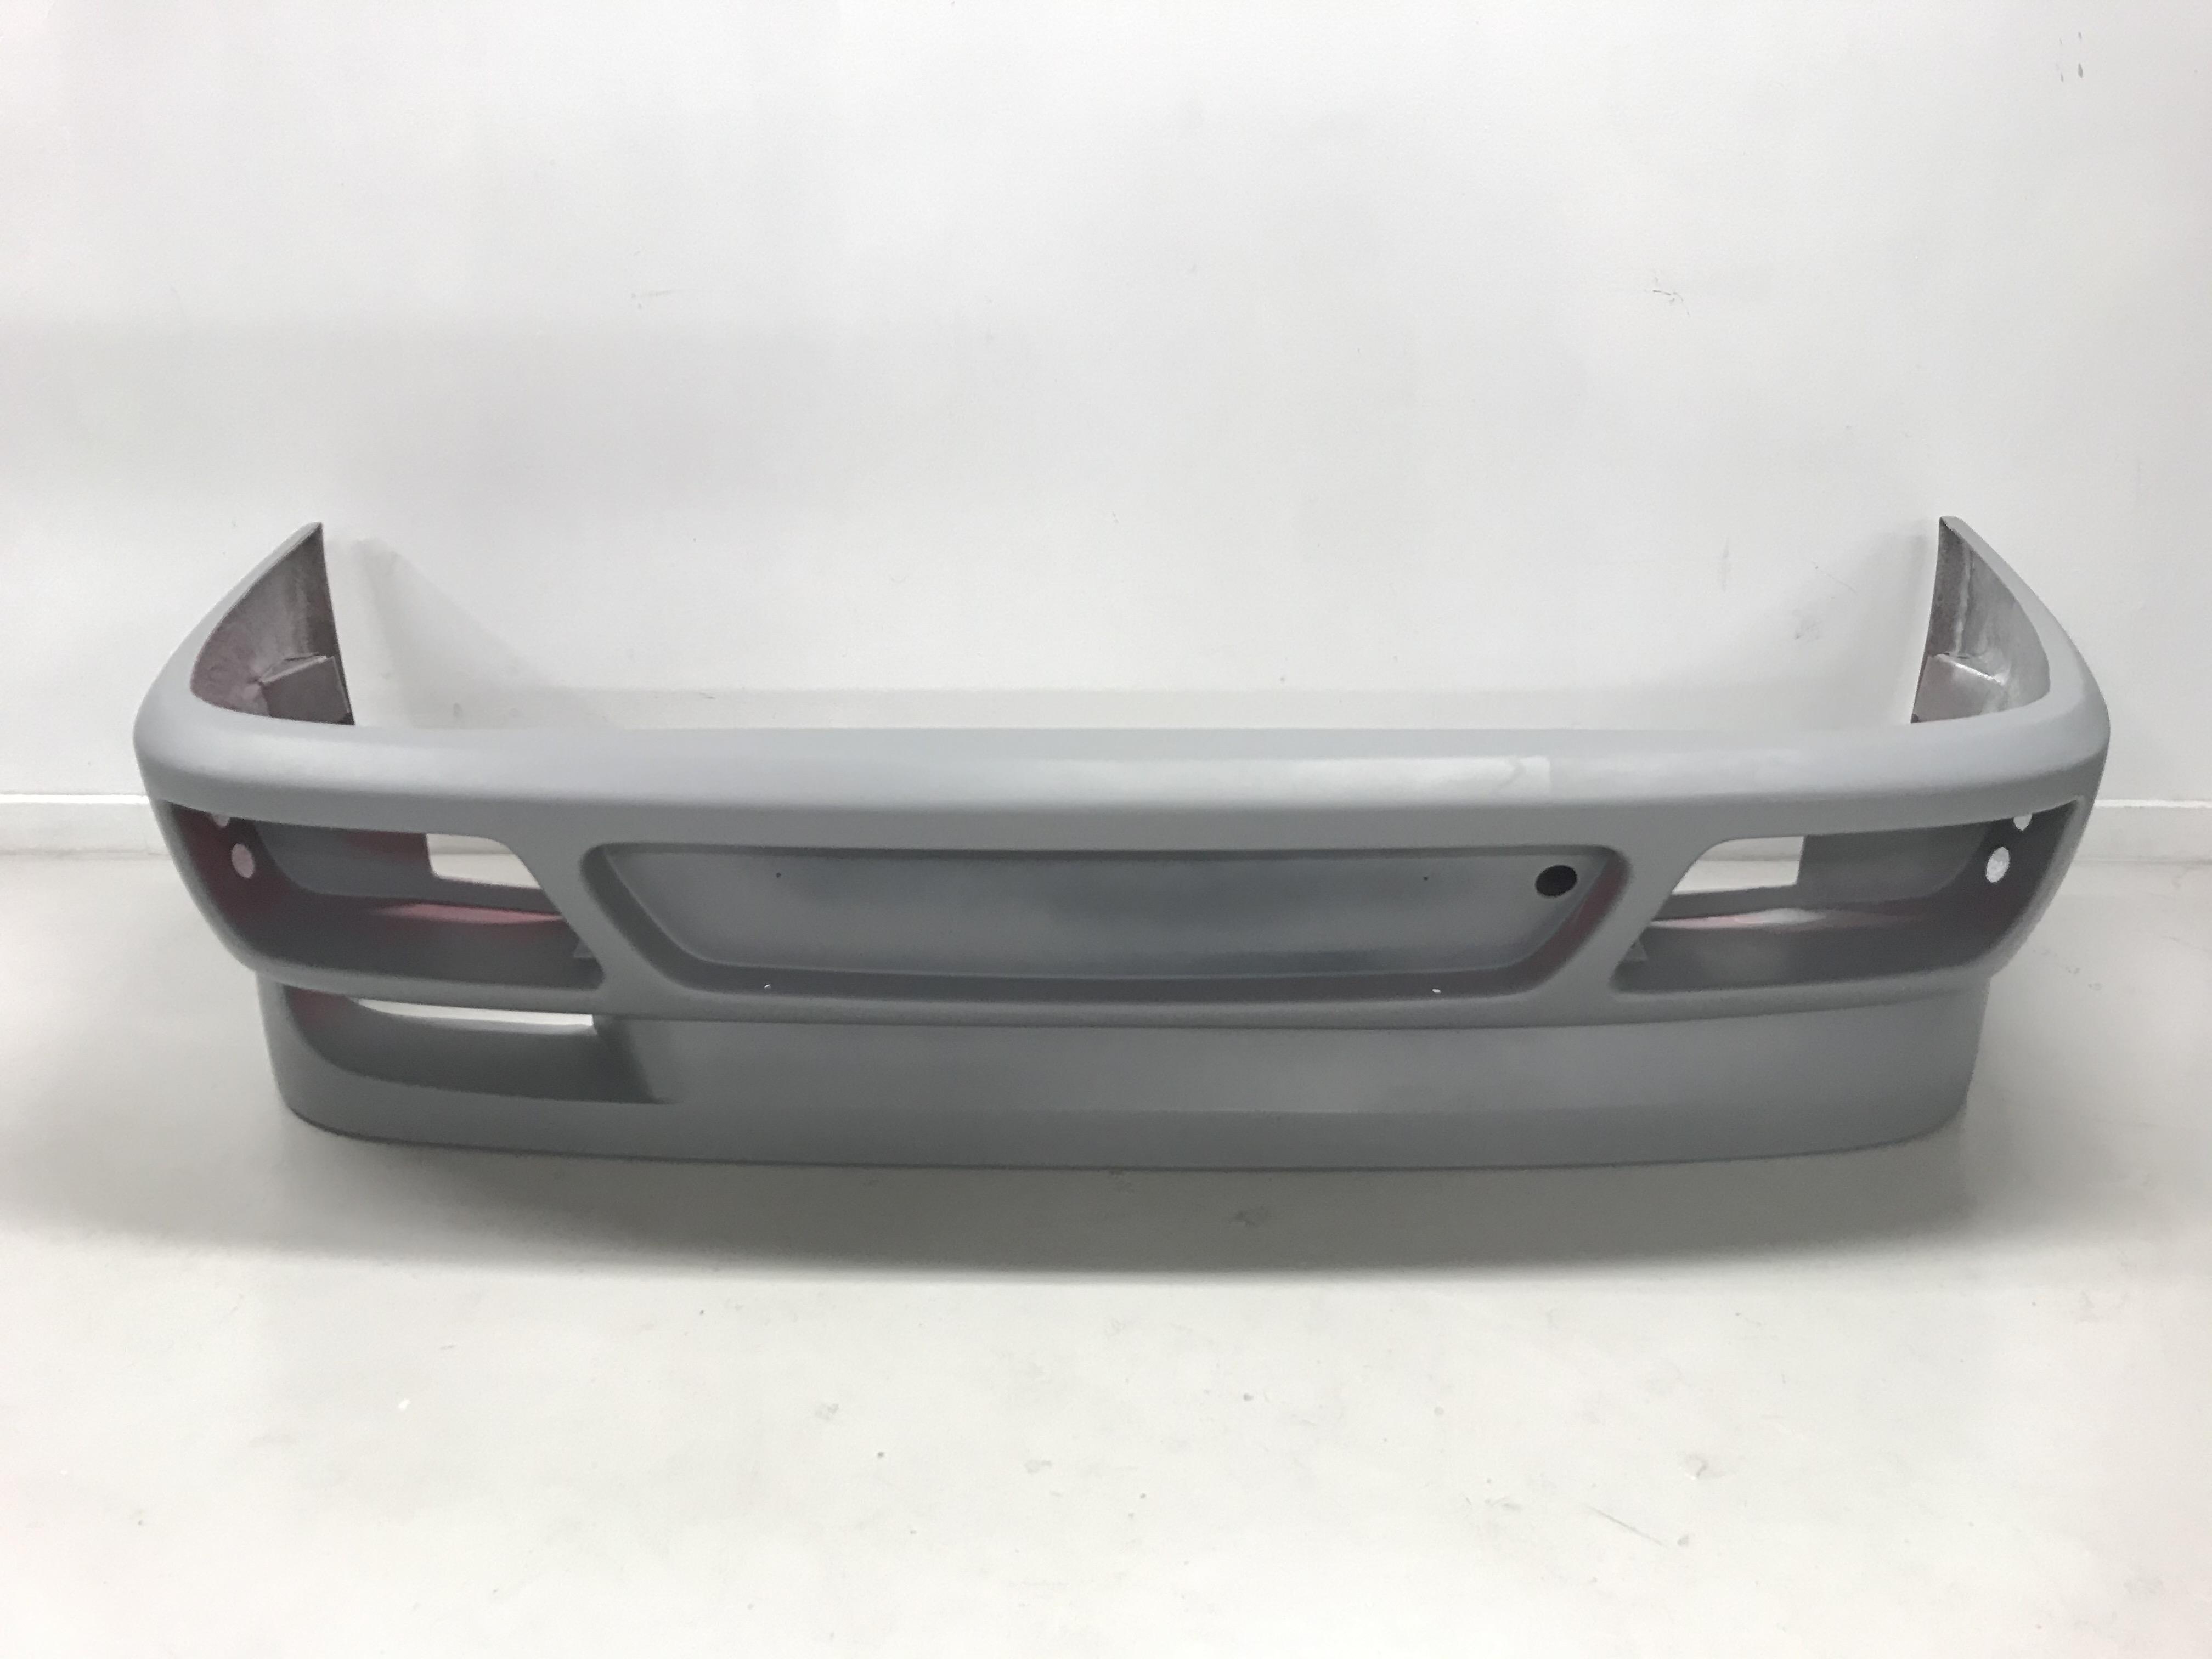 Ferrari 348 front bumper